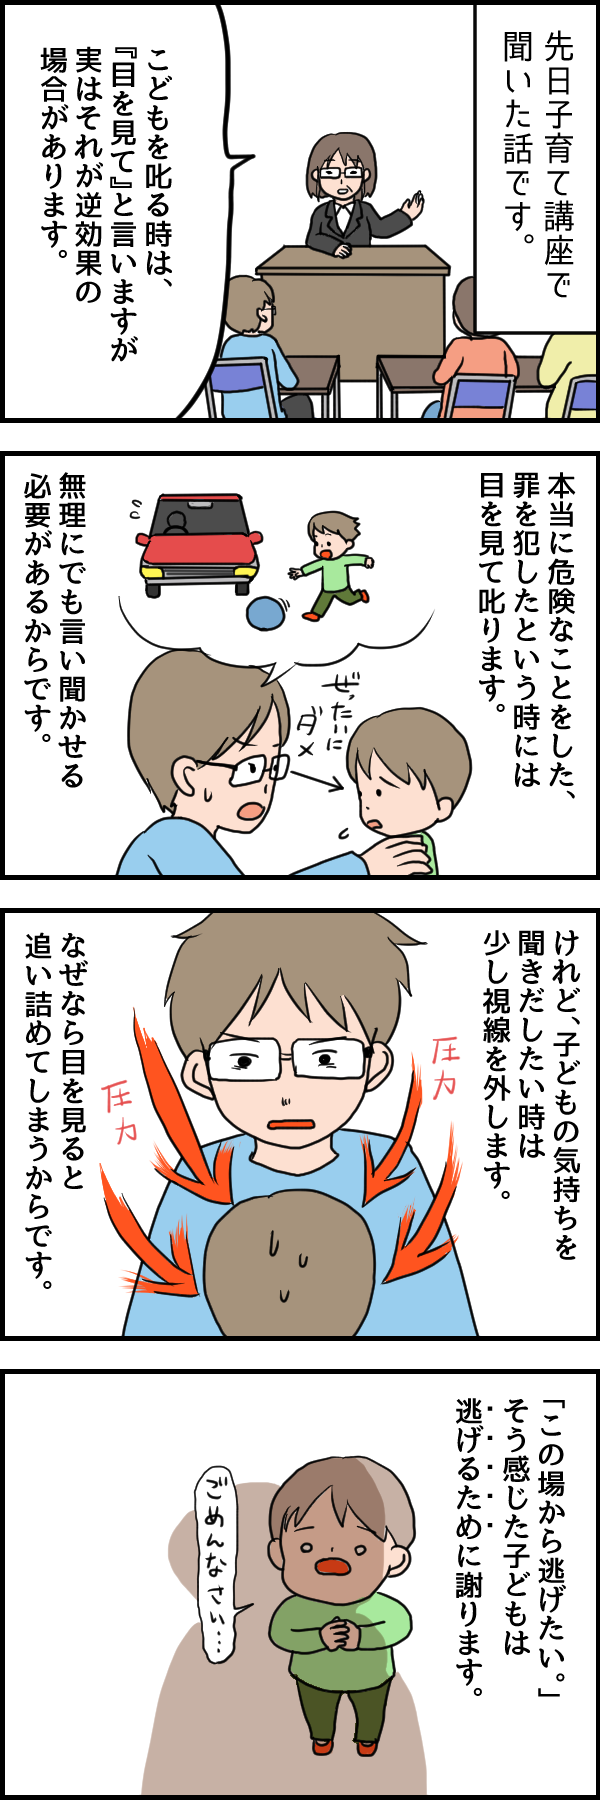 叱るときはどうしてる?怒ってしまったら?子育ての悩みどころを考える。の画像1